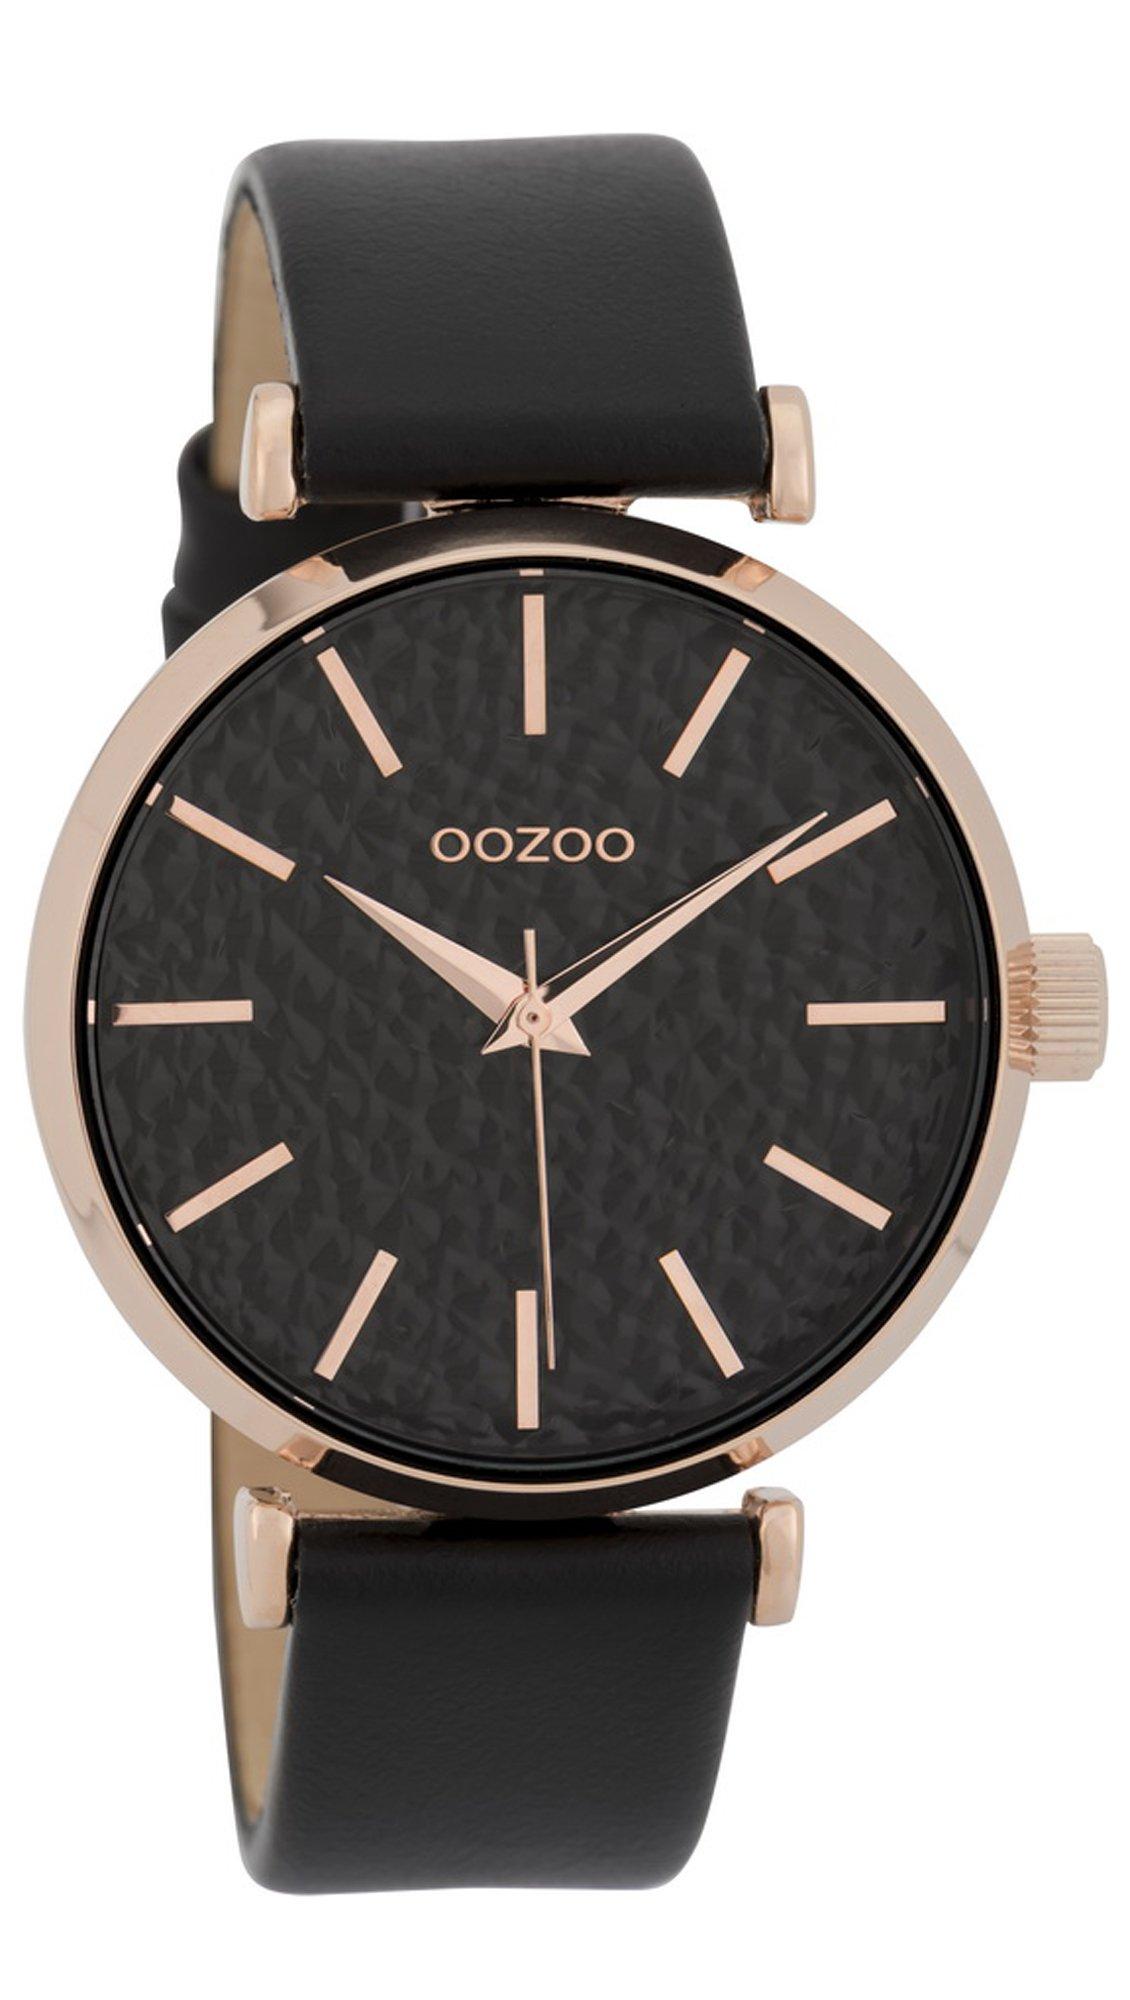 Ρολόι OOZOO Timepieces με μαύρο λουράκι και καντράν C9669 - Glami.gr c61cc349ff2